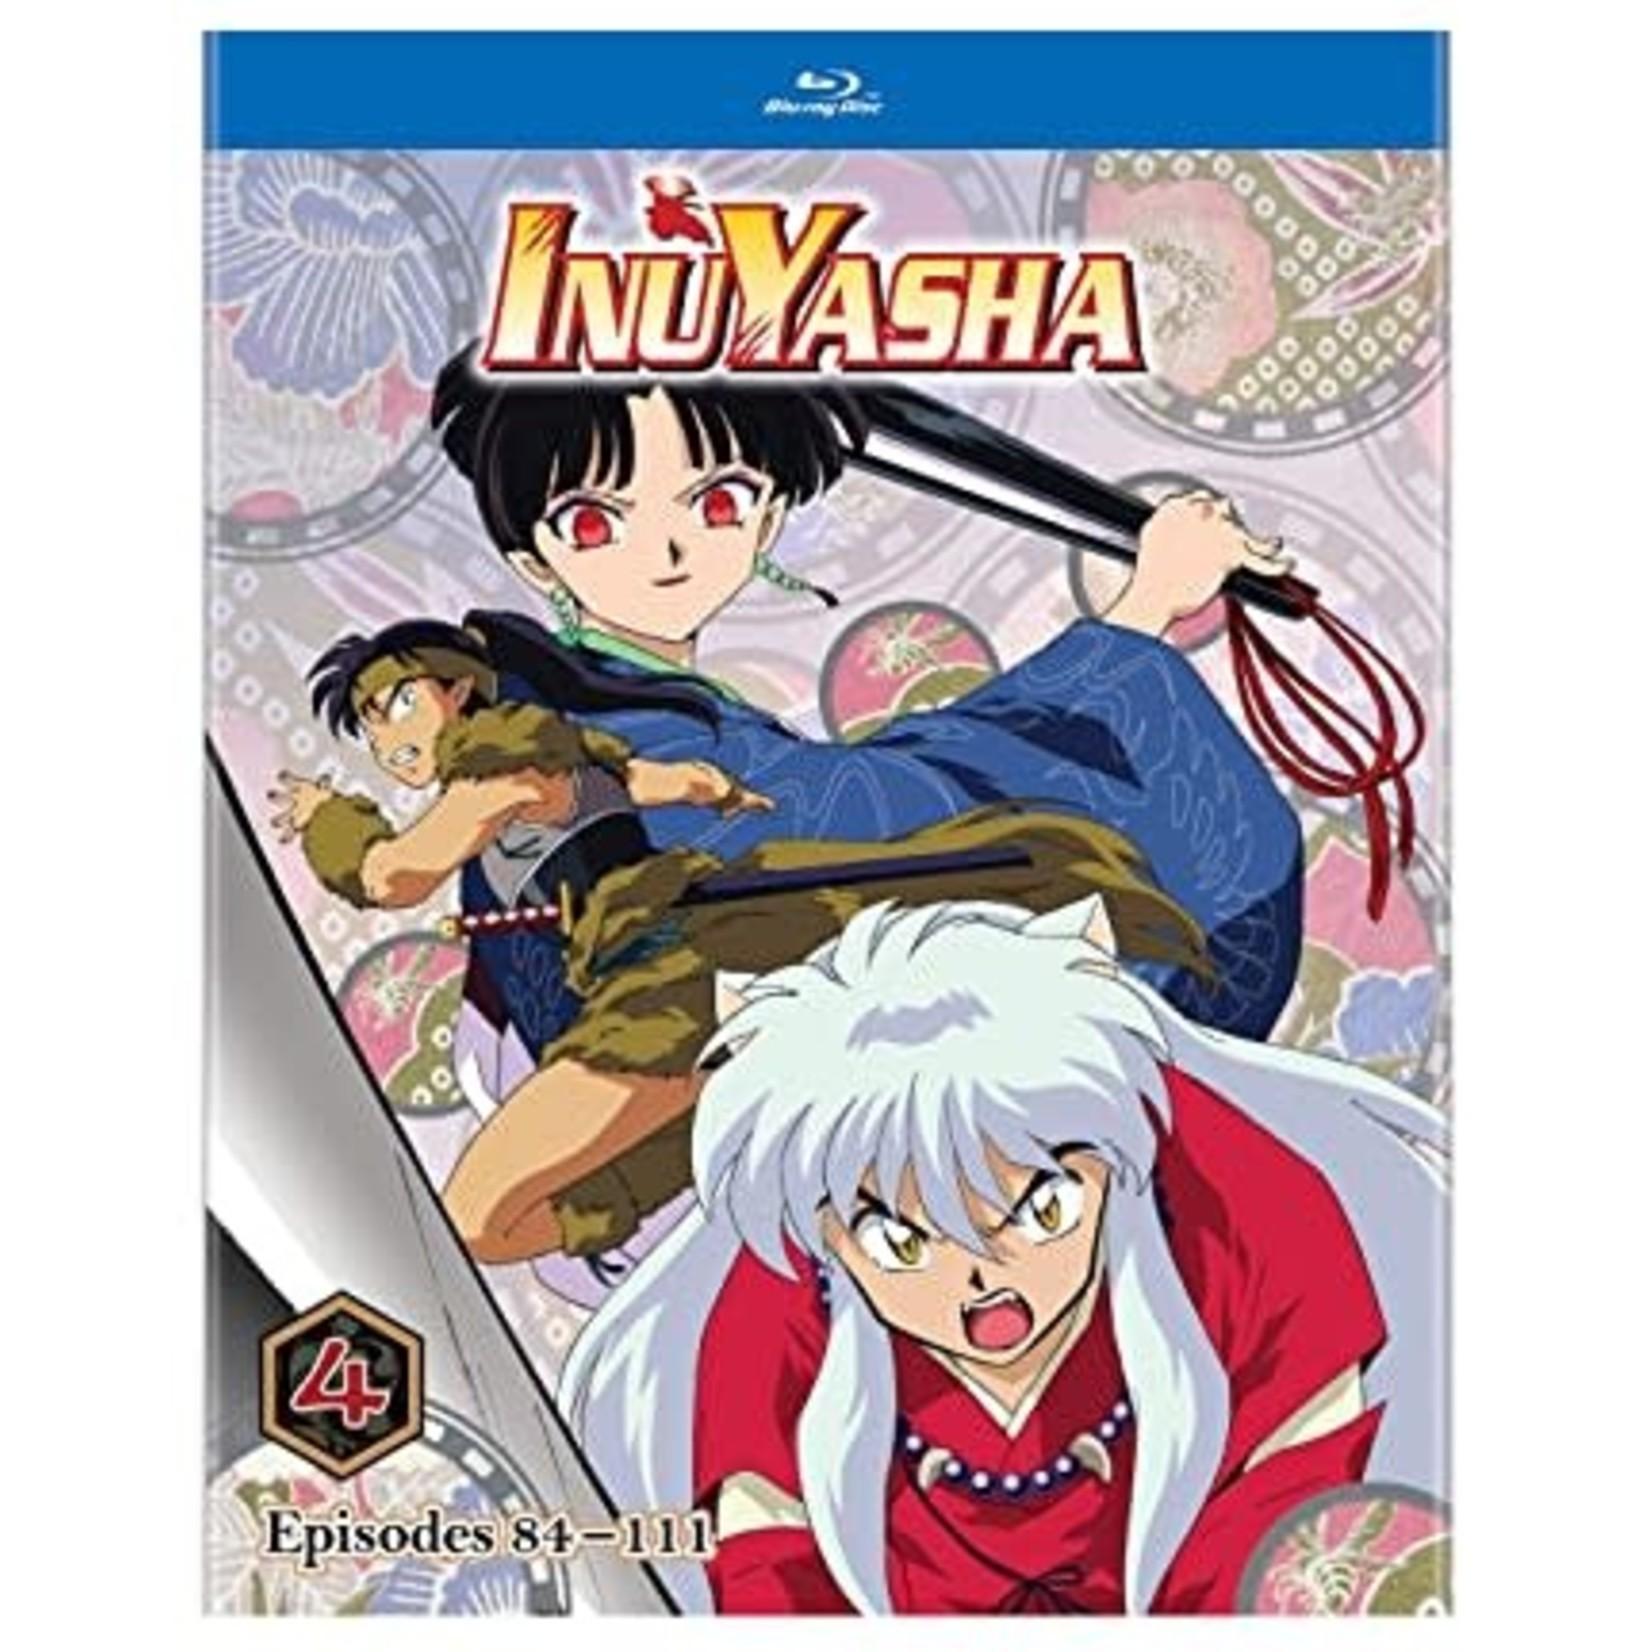 InuYasha Episodes 84-111 bluray